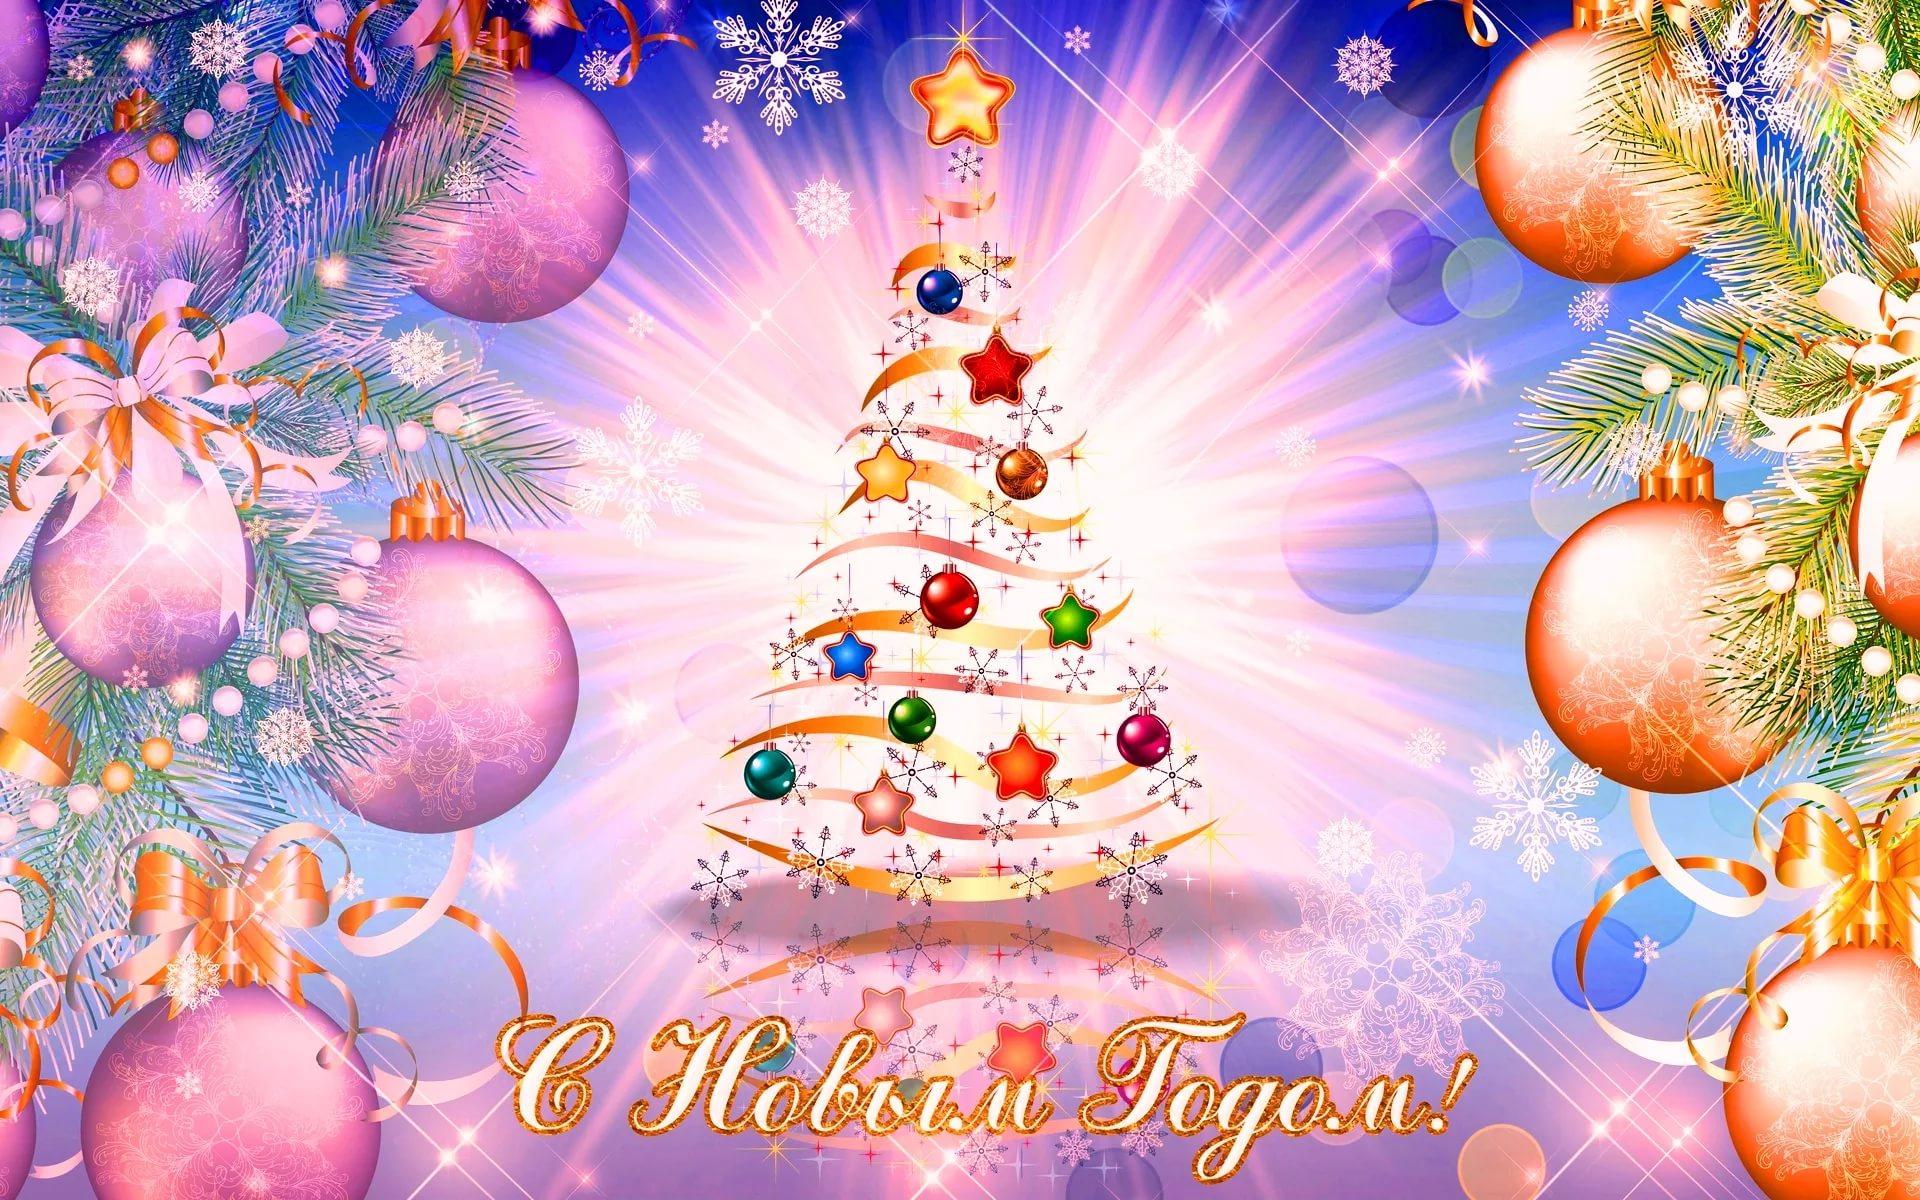 Открытка картинки, открытки новогодние для программ